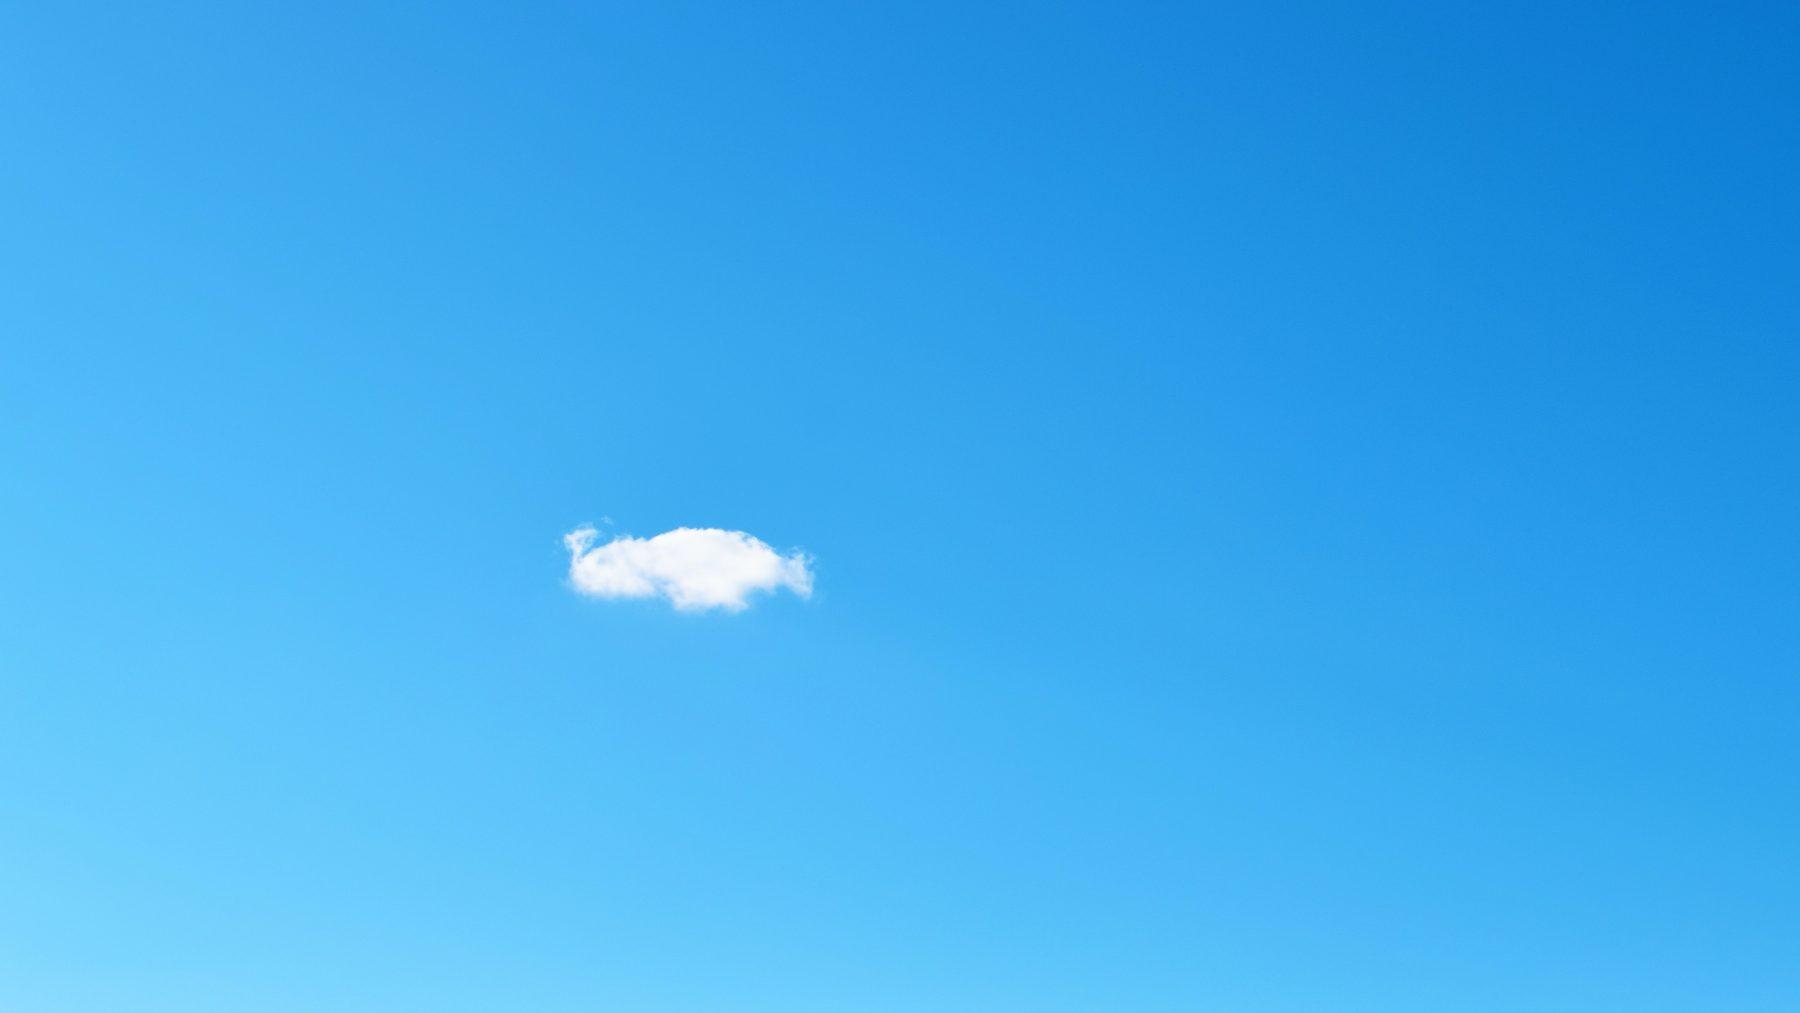 Oppassen geblazen: RIVM waarschuwt voor 'zeer slechte' luchtkwaliteit